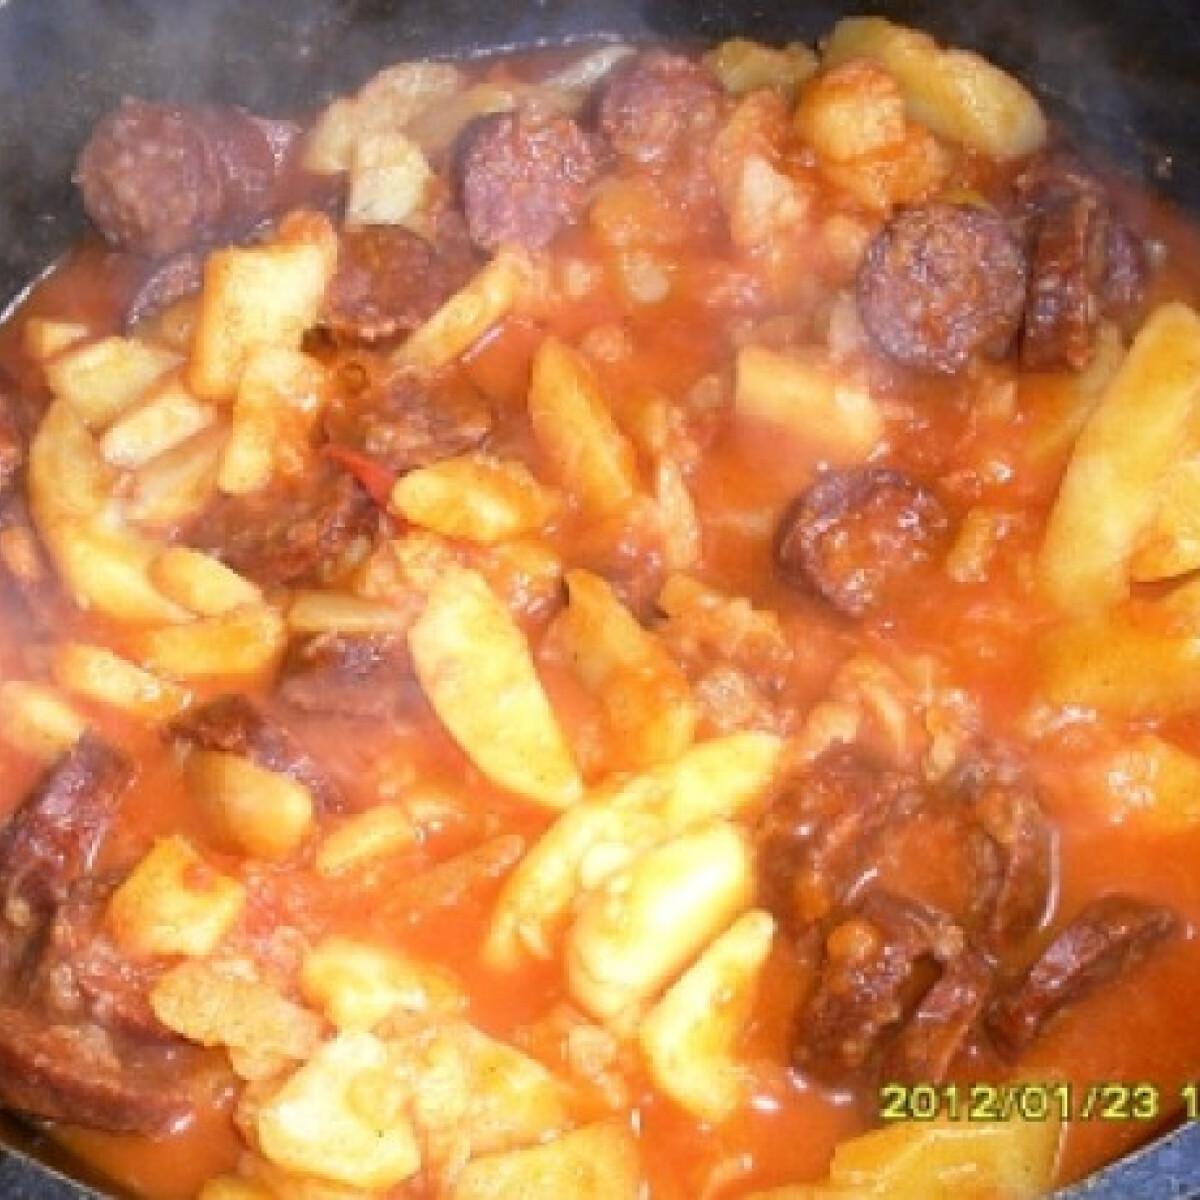 Lecsós paprikás krumpli kolbásszal